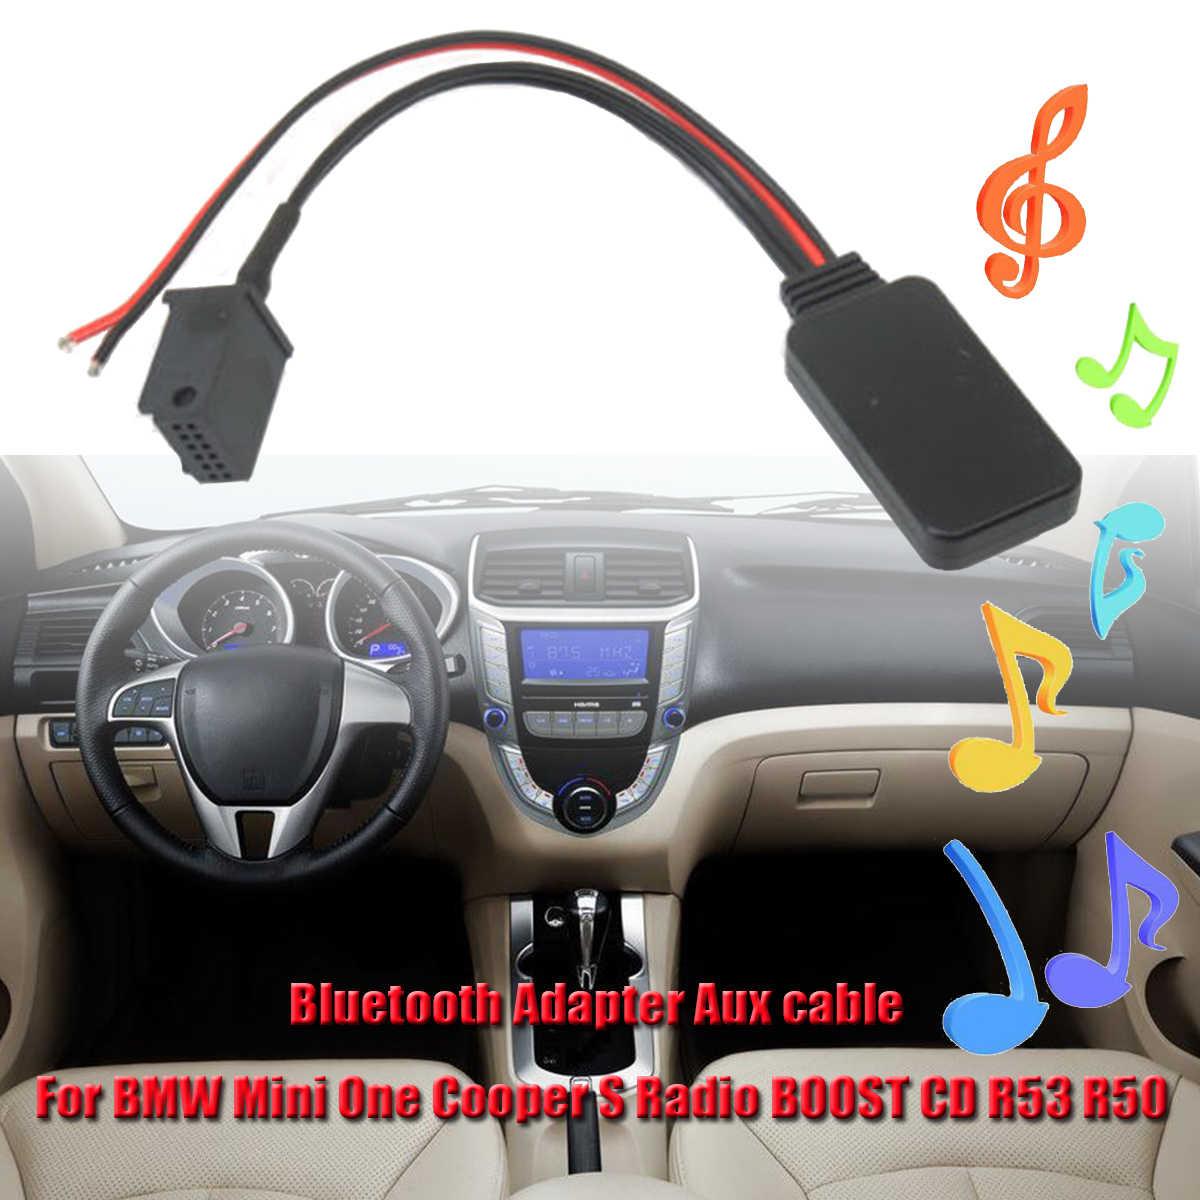 подробнее обратная связь вопросы о Bluetooth адаптер Aux аудио